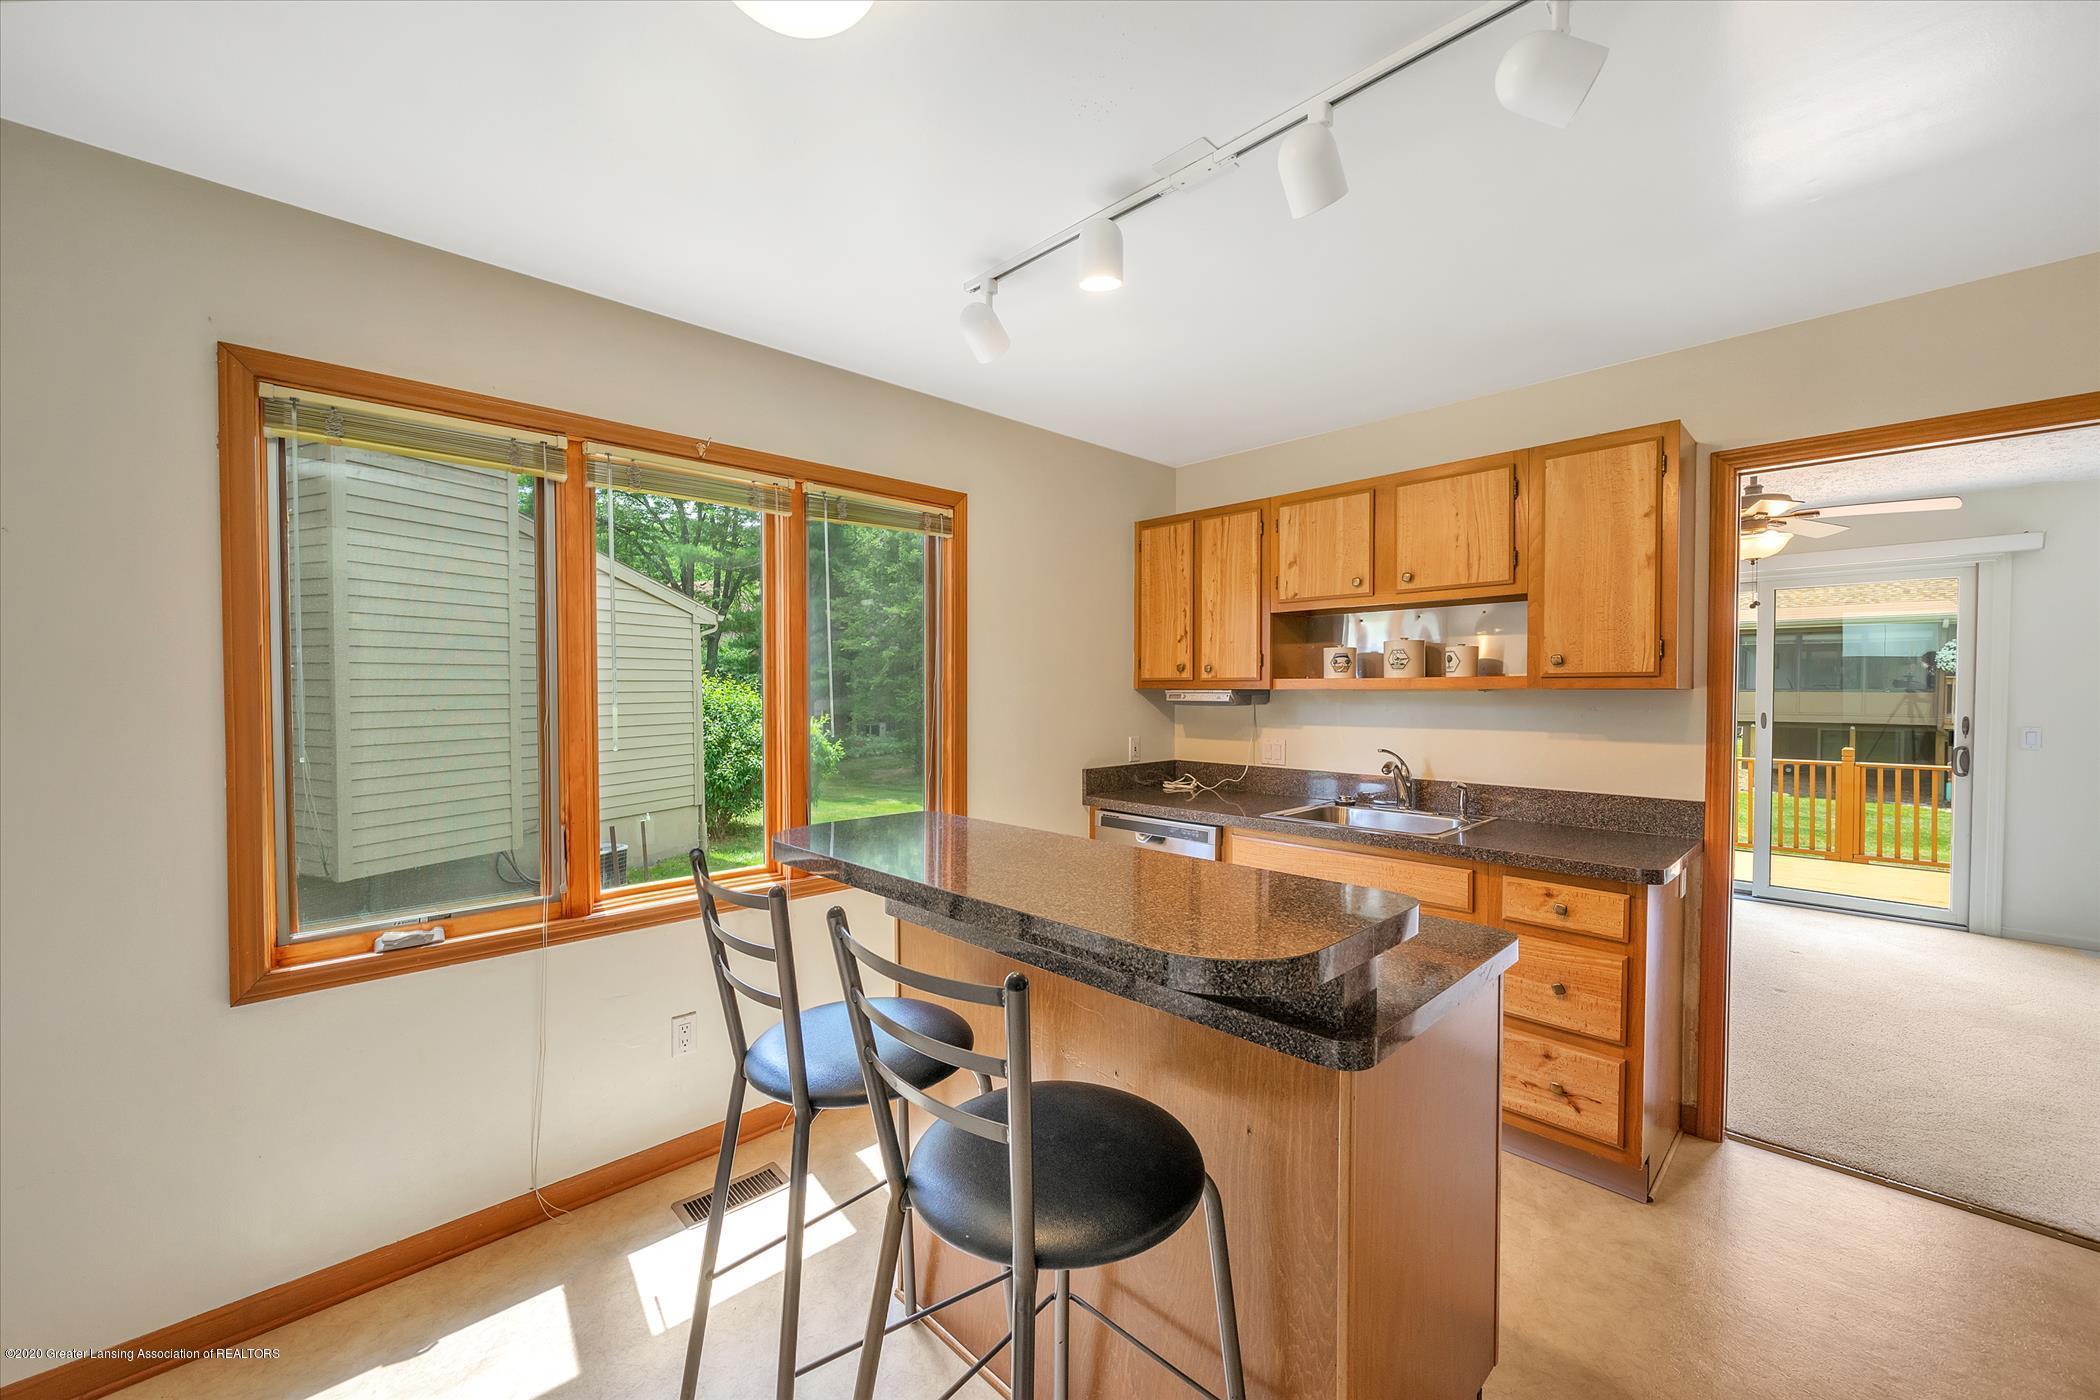 2605 Woodhill Dr - Kitchen - 9